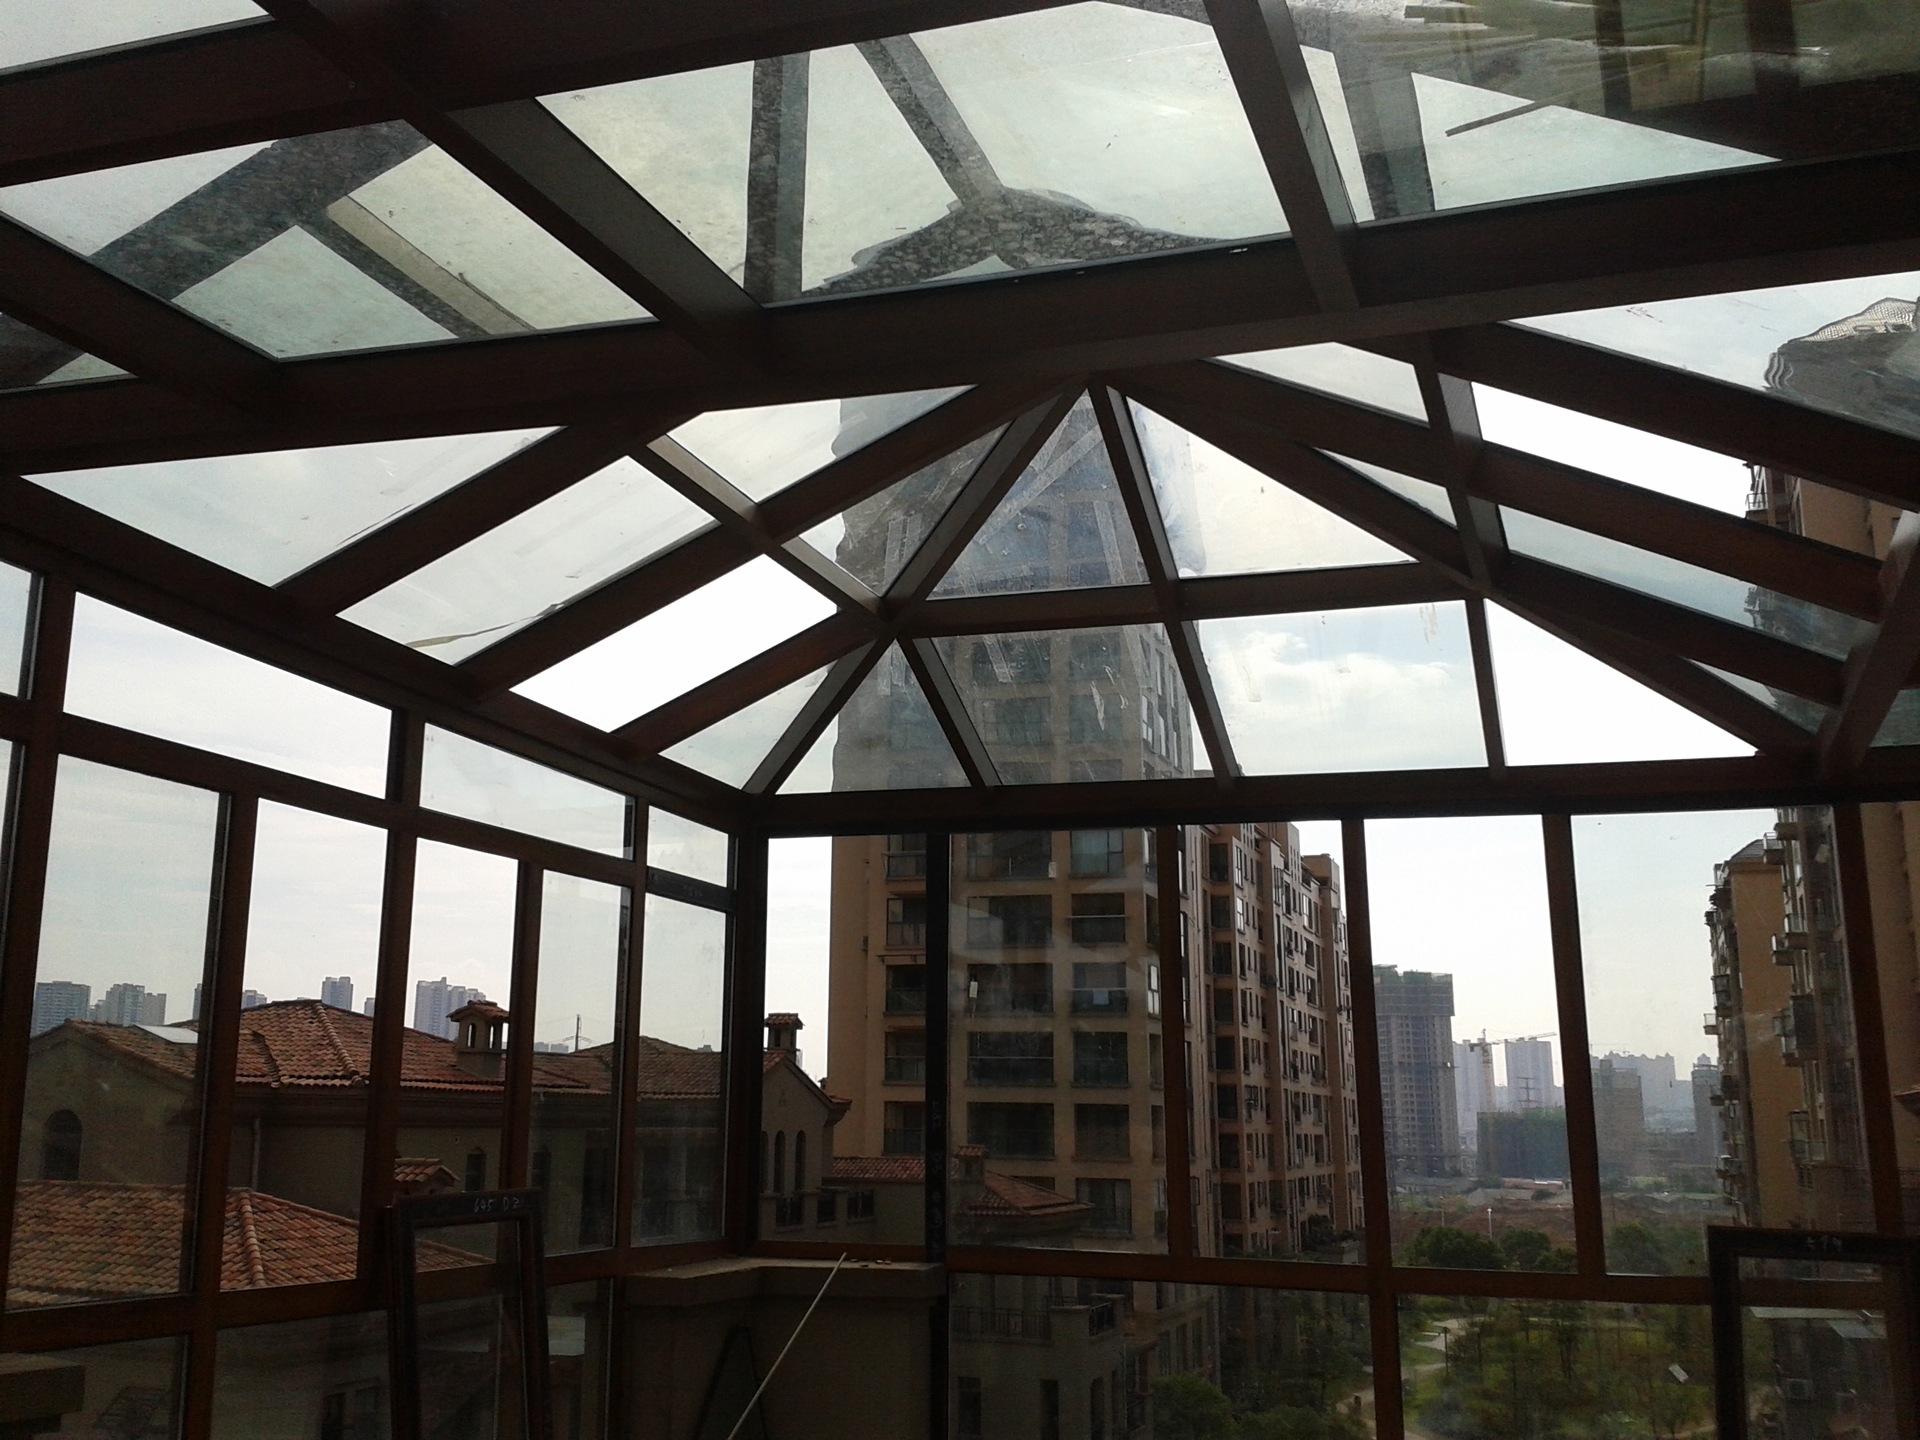 供应别墅阳光房 夹胶玻璃阳光房 弧形阳光房 锥形顶阳光房